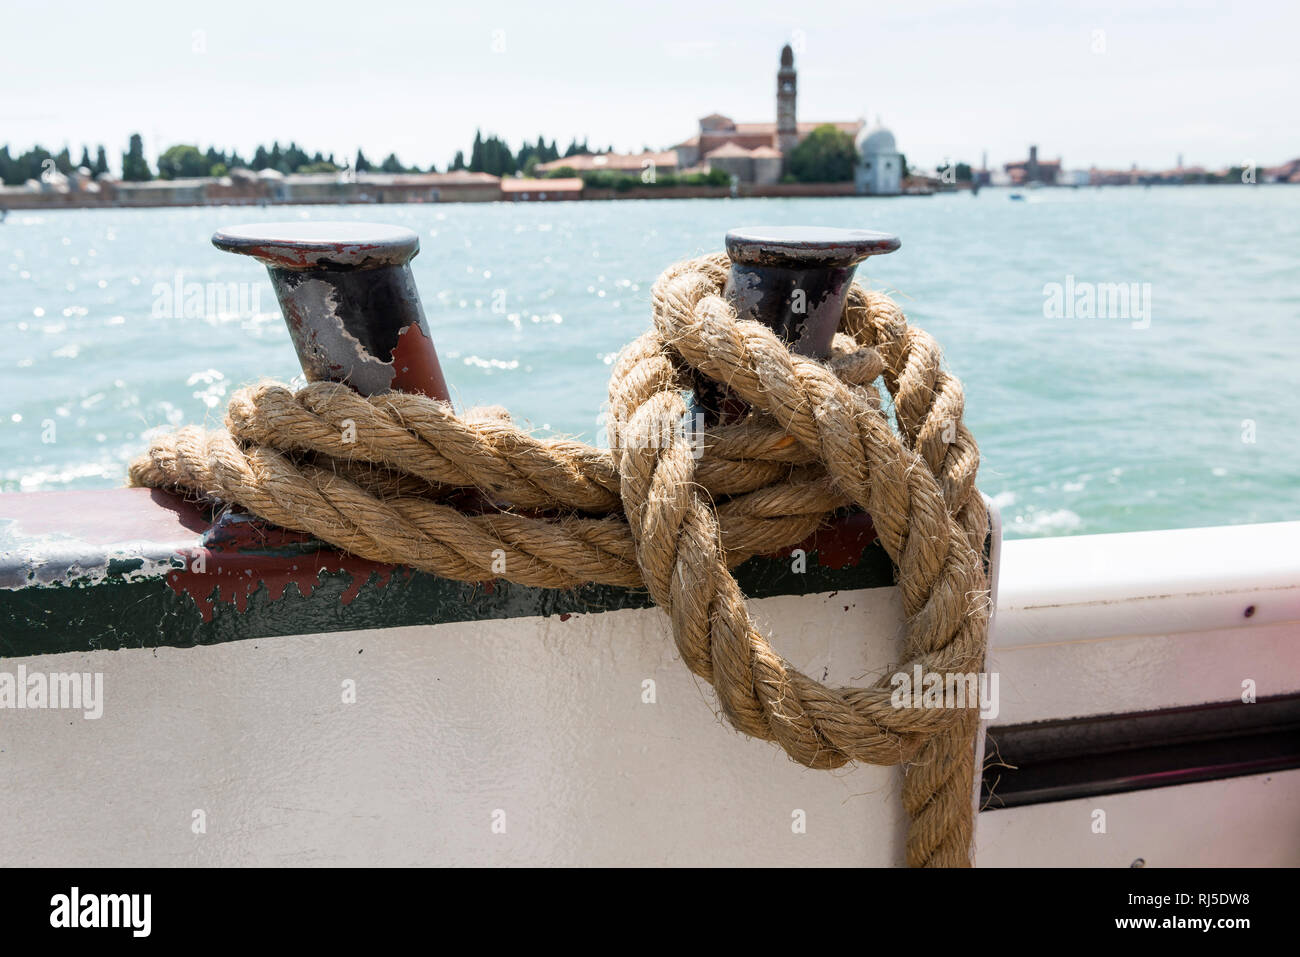 ein Schiffstau an einer Schiffsreling - Stock Image